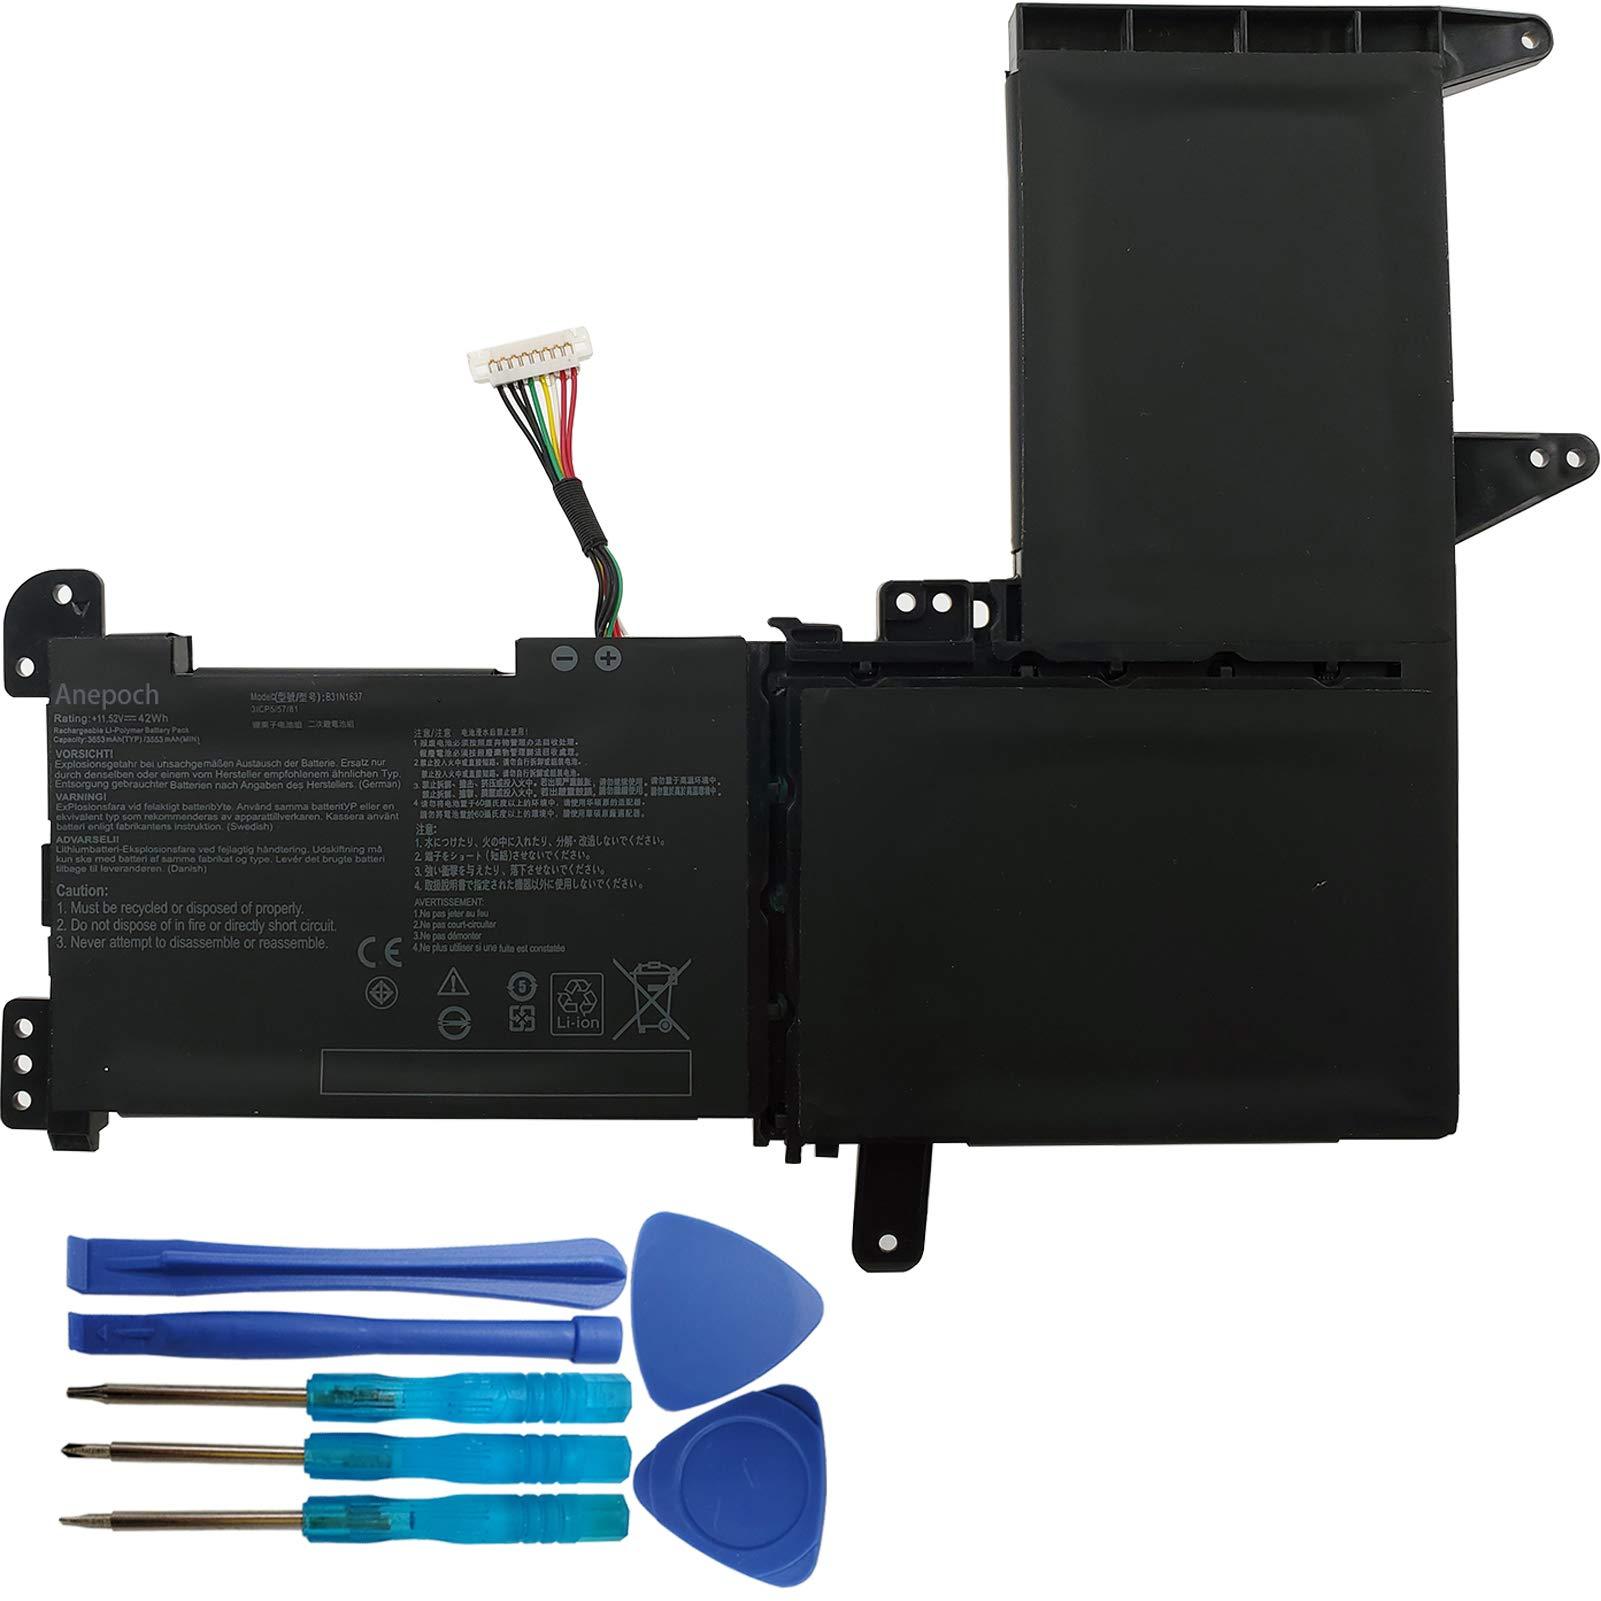 Bateria B31N1637 para Asus VivoBook S5100U X510 X510U X510UF